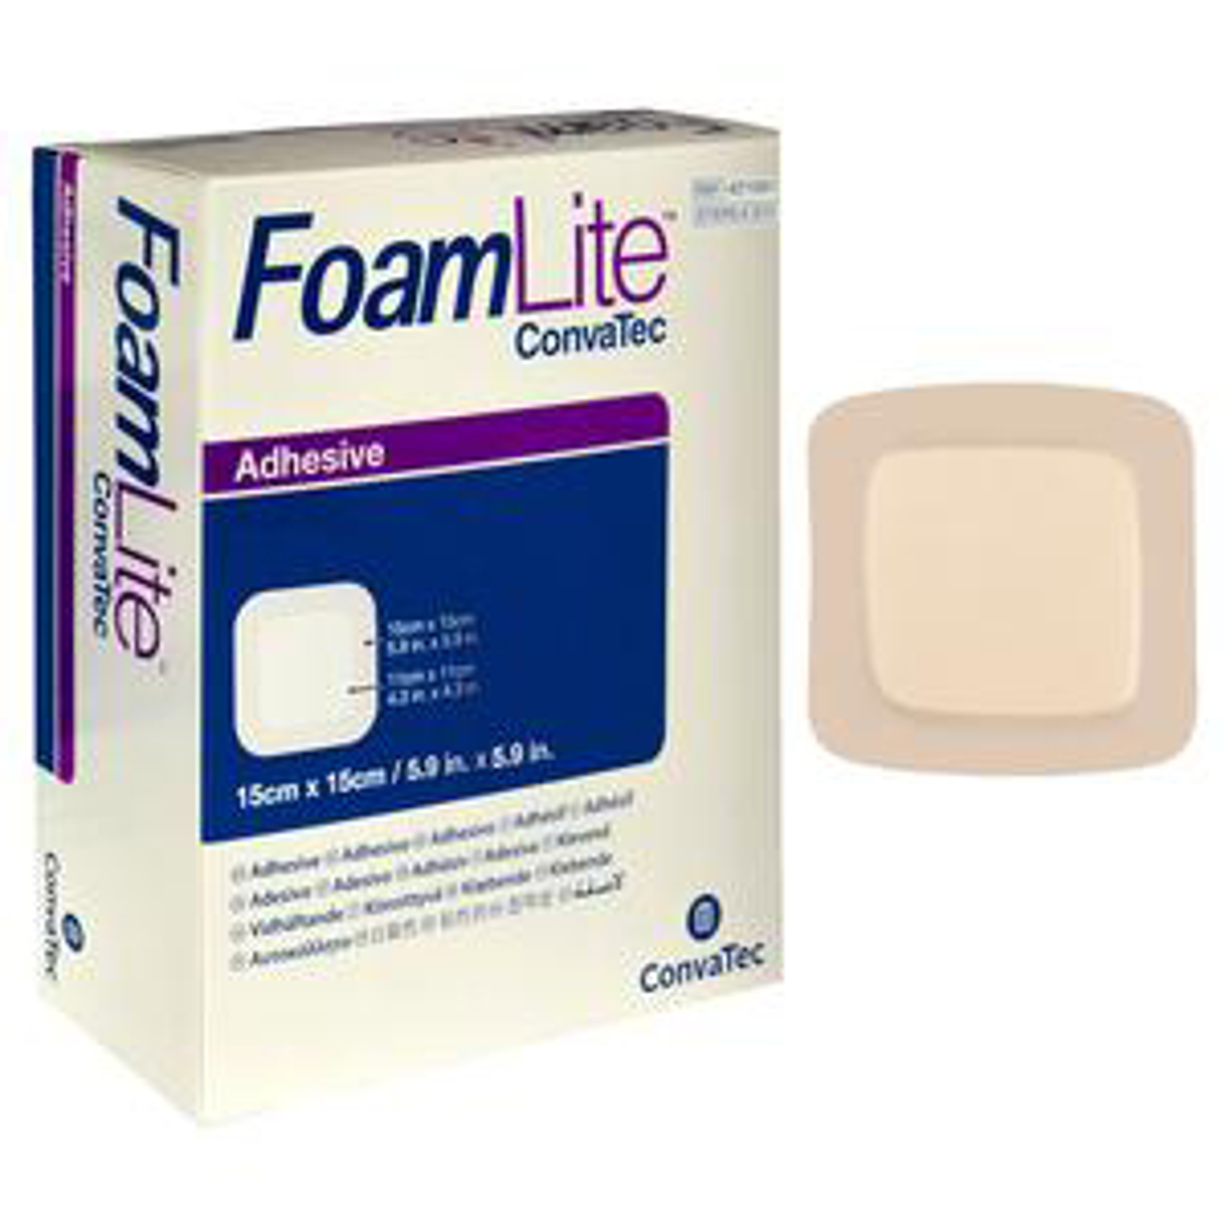 Convatec FoamLite Square Foam Adhesive Dressing, 6 x 6 Inch